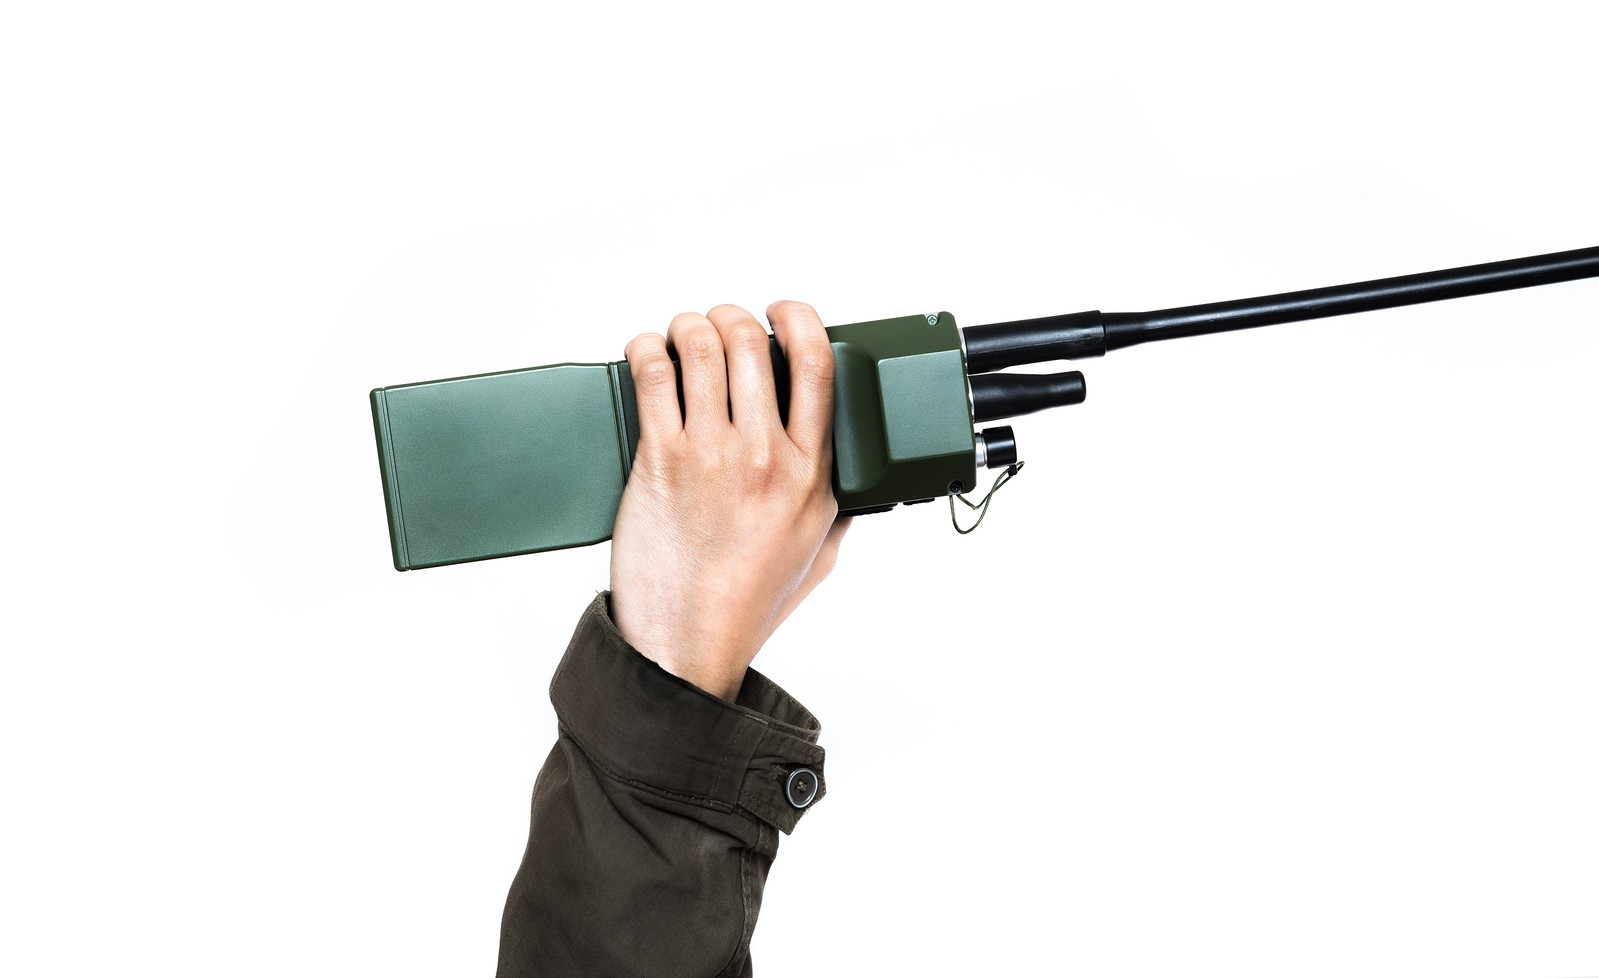 ミニFM局と電波法